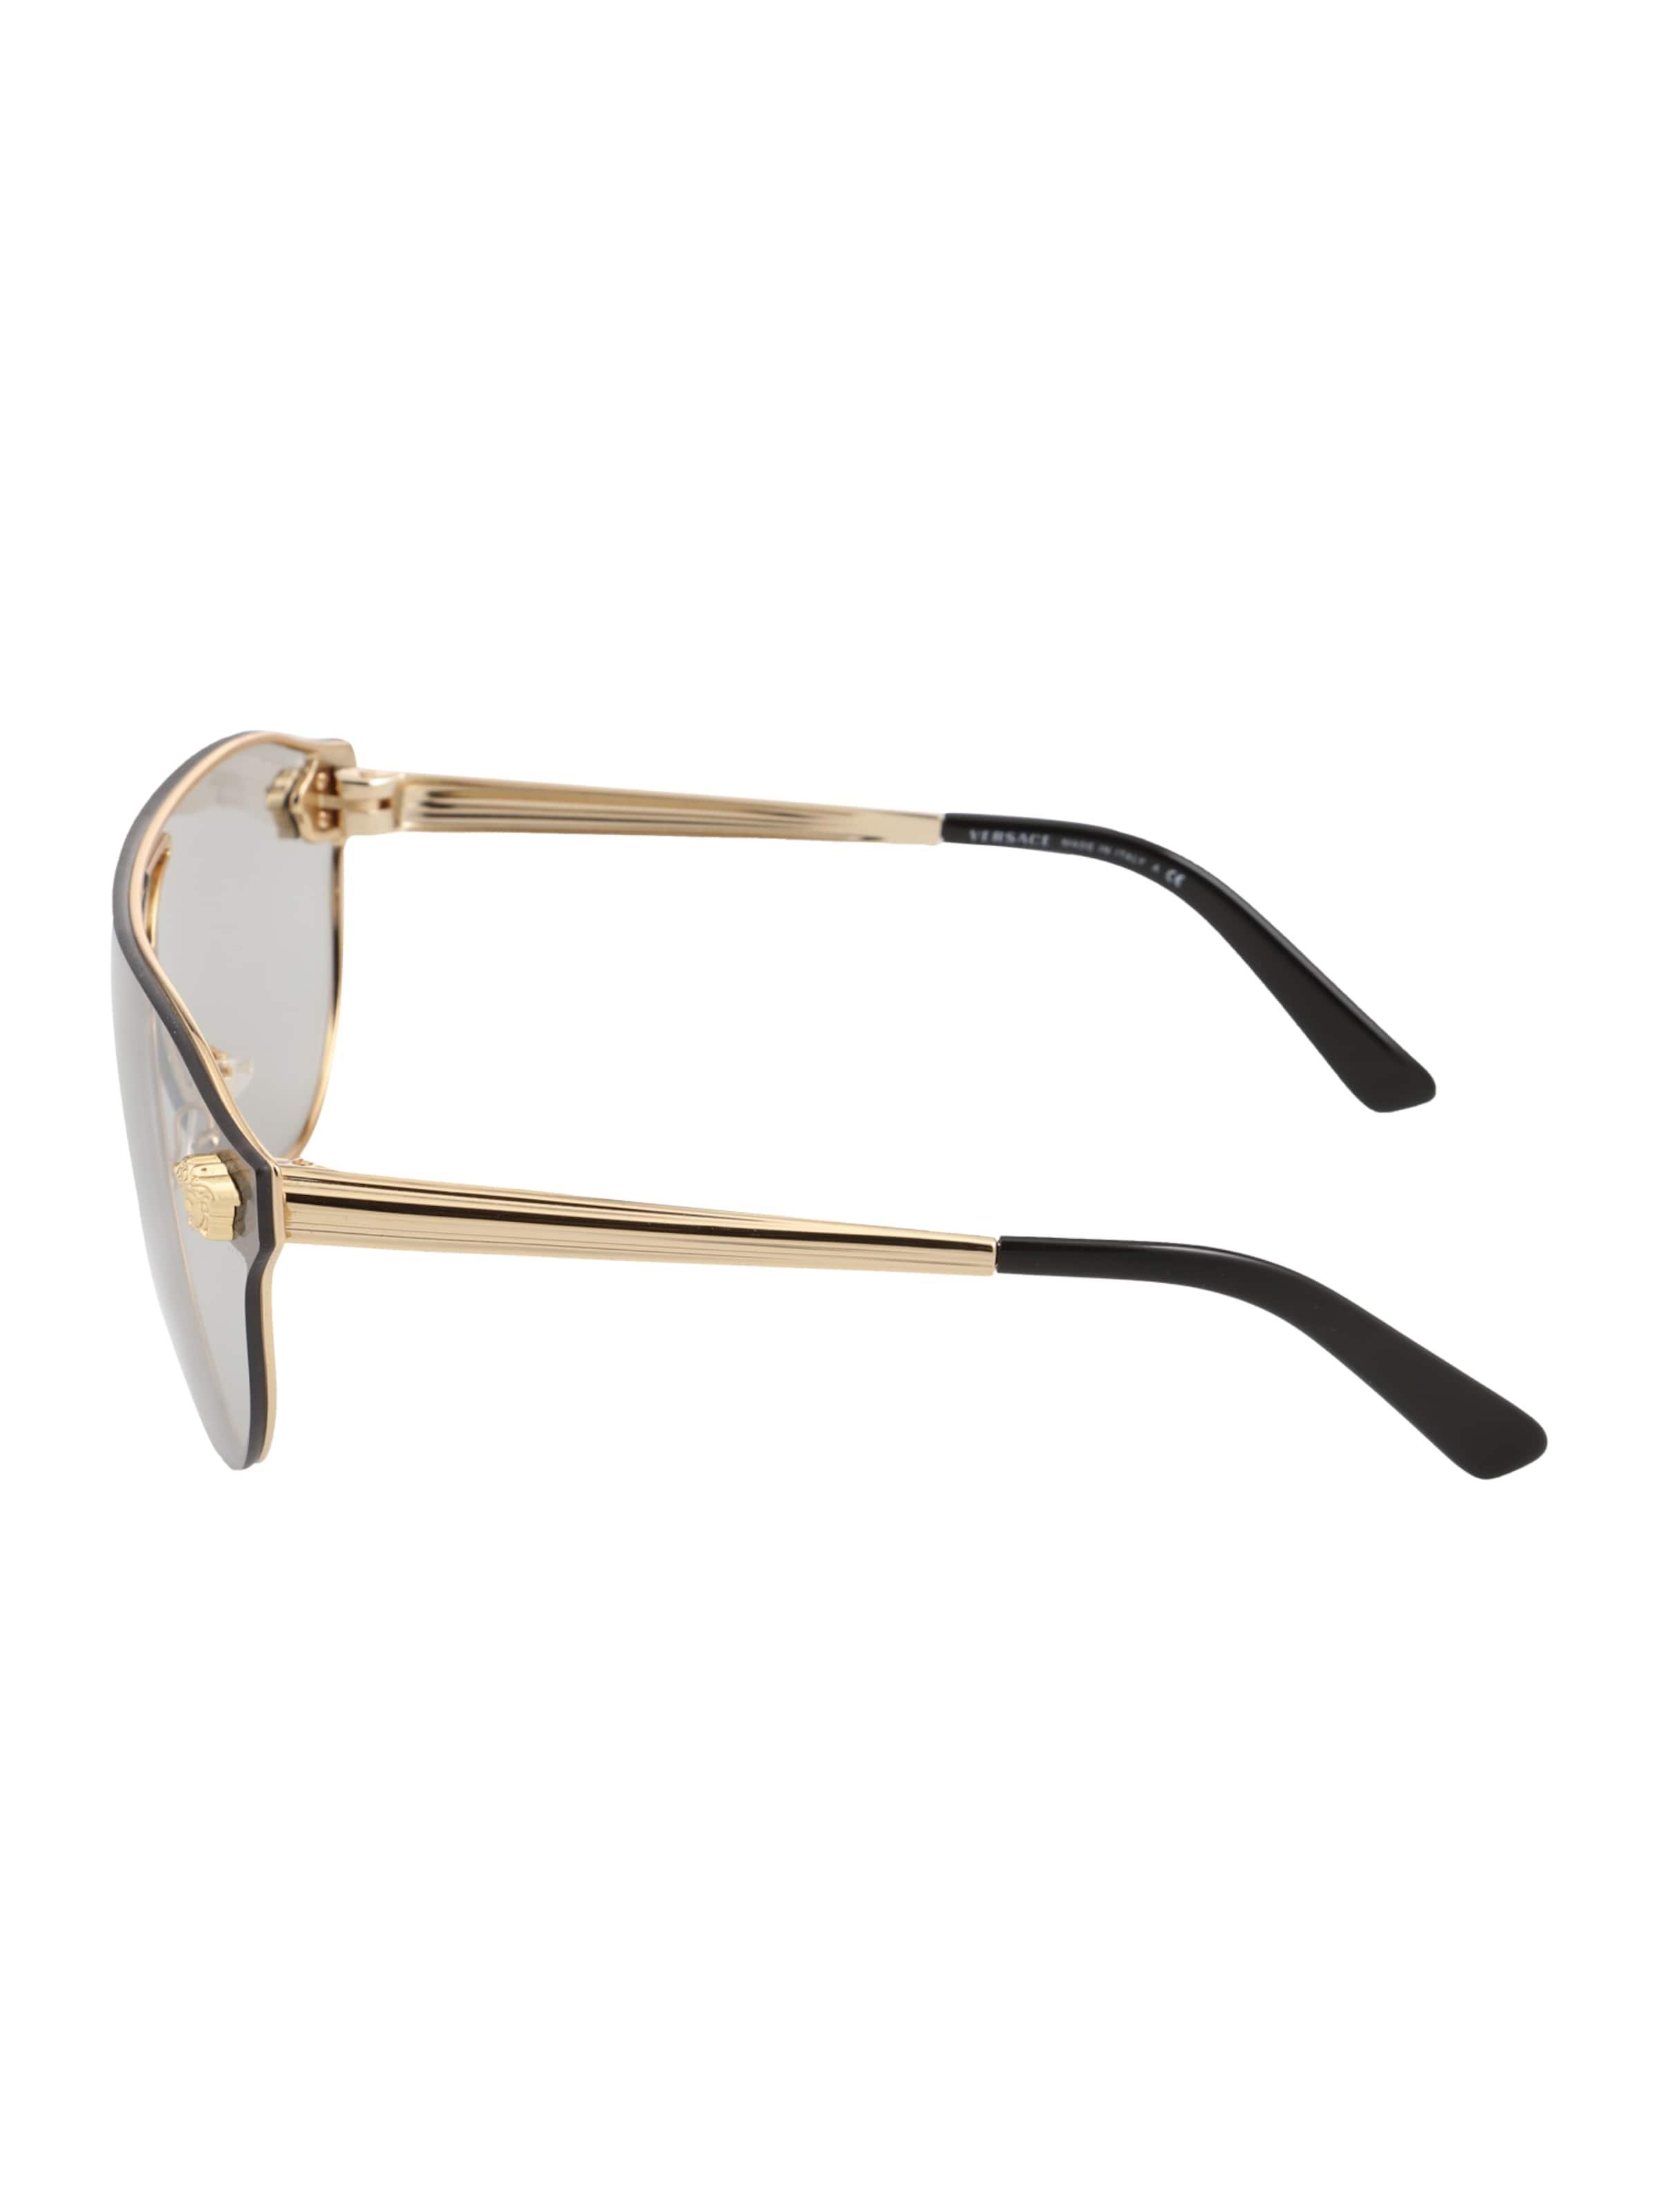 VERSACE Casual Sonnenbrille Günstig Kaufen Erstaunlichen Preis Verkauf Heißen Verkauf Beliebt Und Billig gpJGMRfXcl